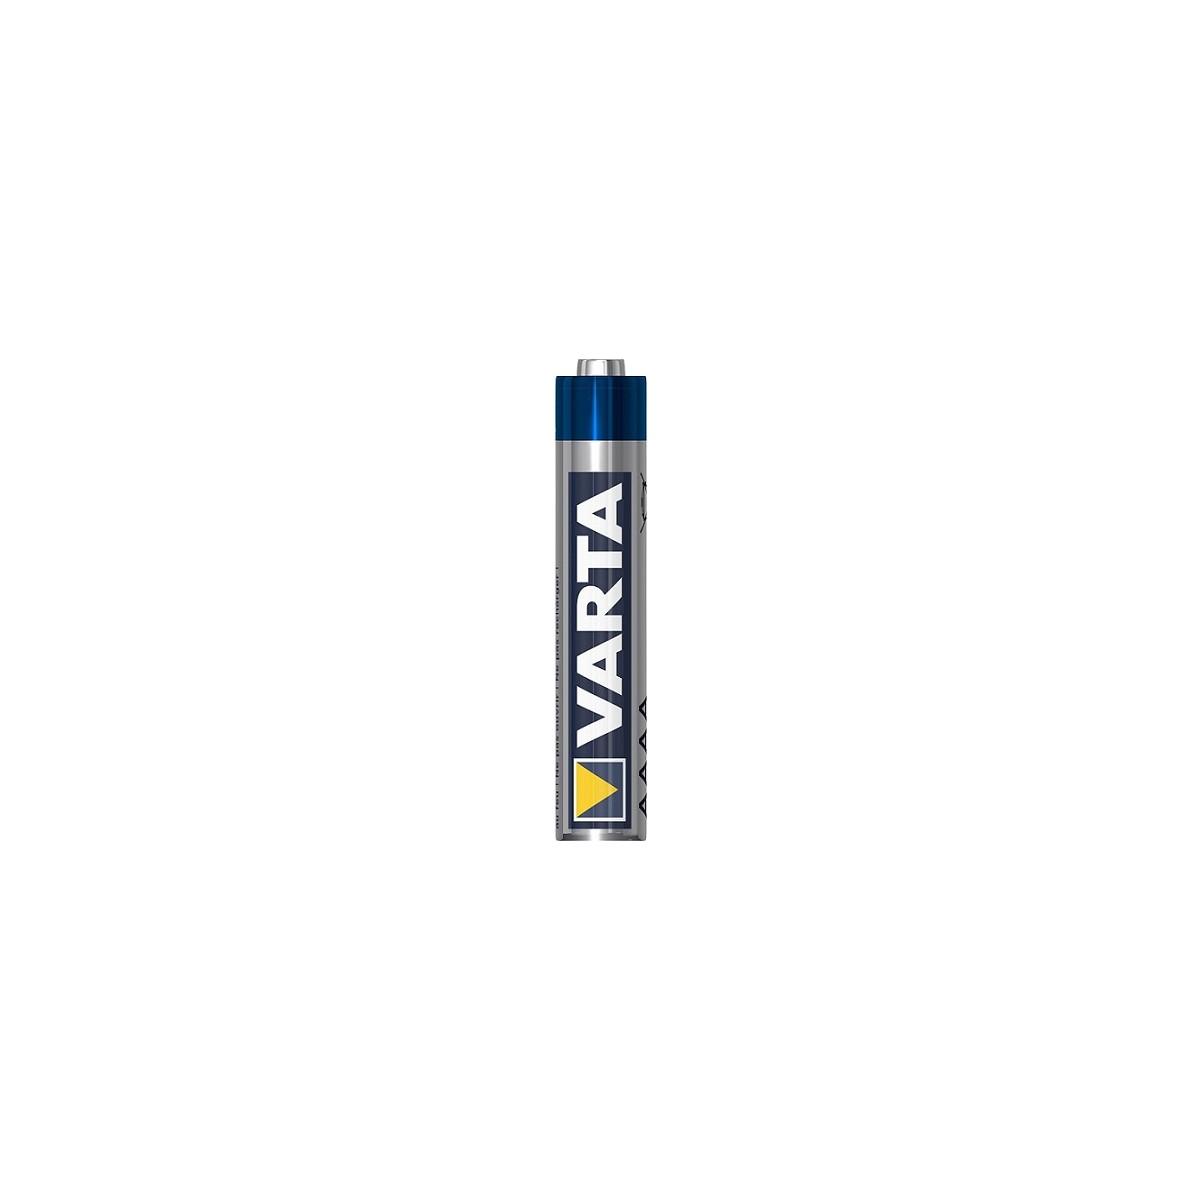 Bateria 1,5 V LR61 AAAA VARTA - 4061 Bateria 1,5 V LR61 AAAA VARTA - 4061